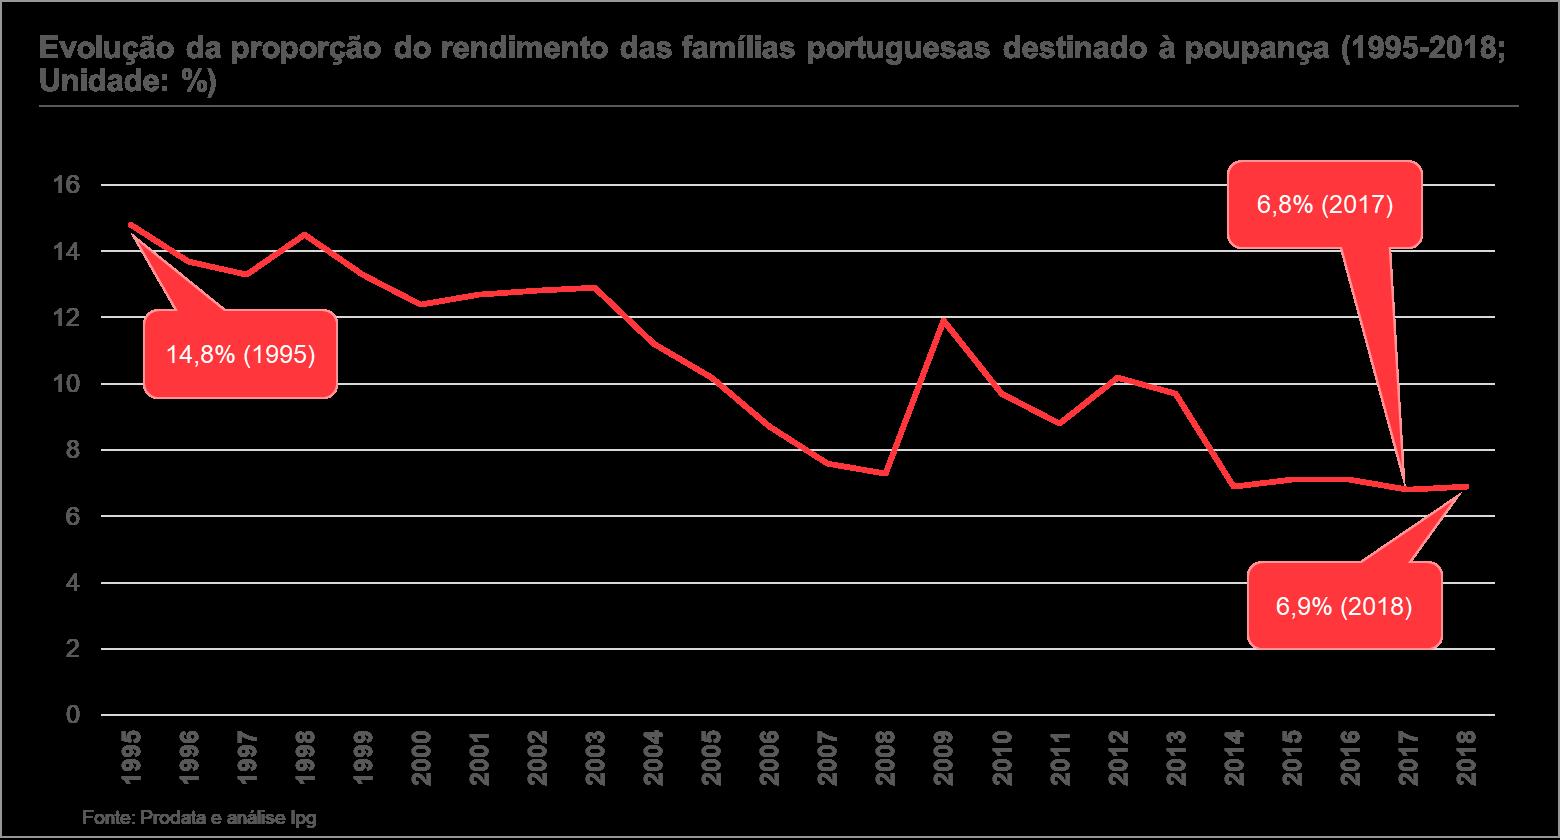 gráfico evolução da proporção do rendimento das famílias portuguesas destinado à poupança